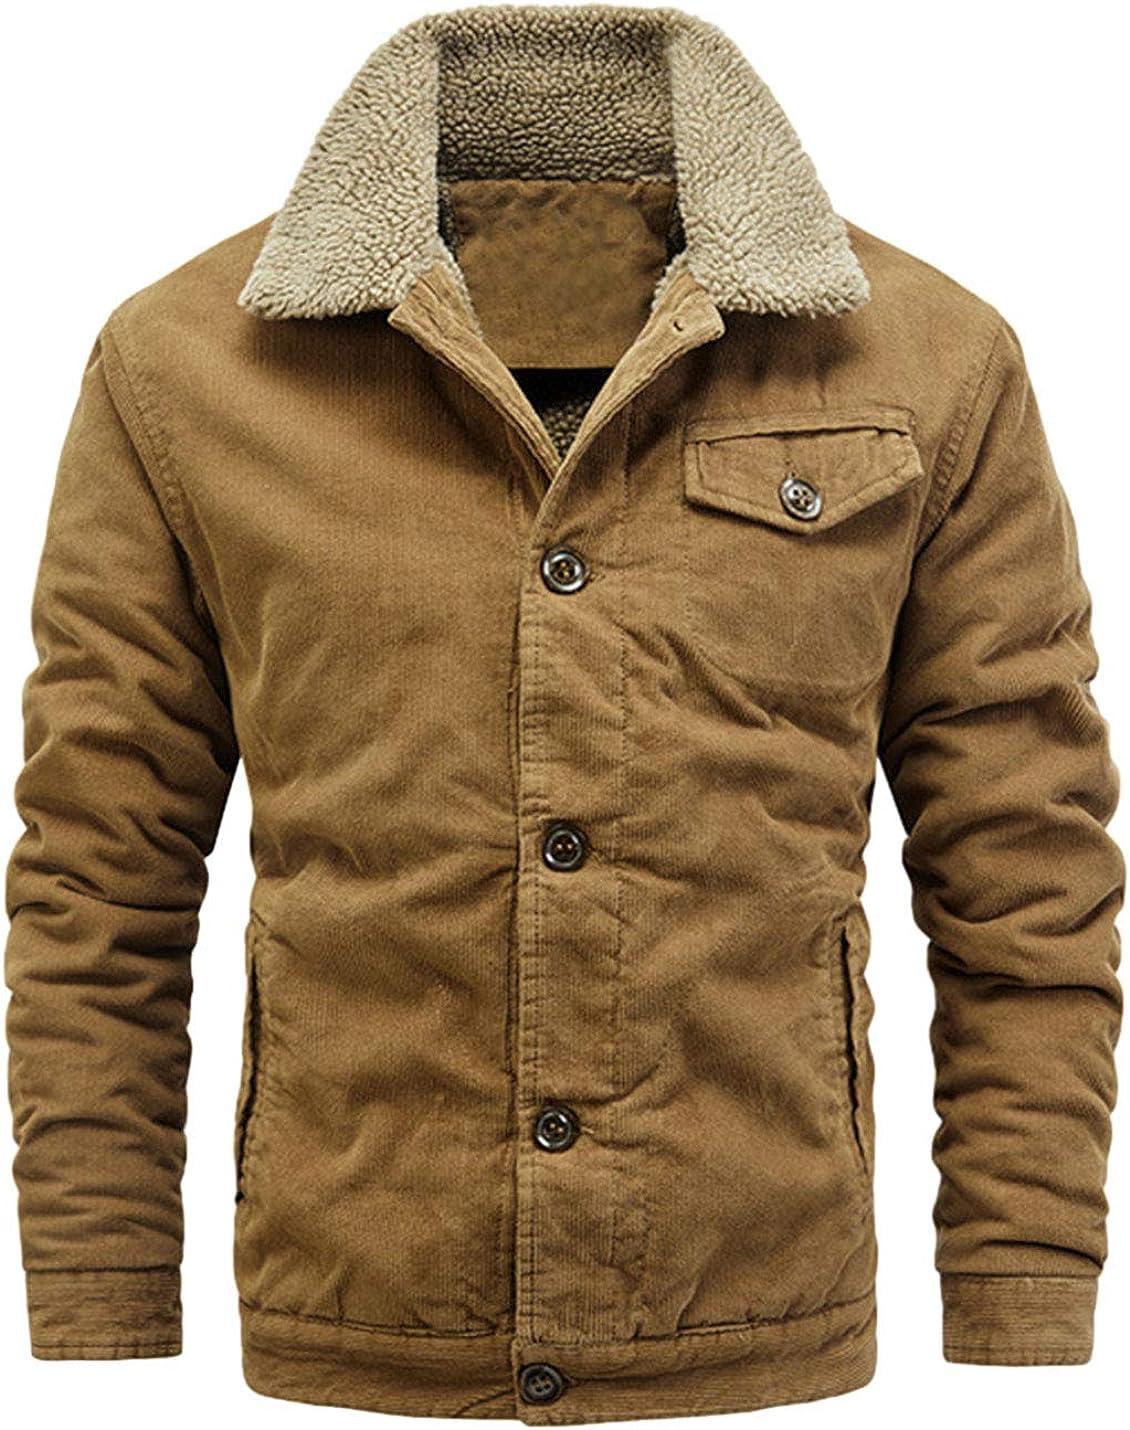 AMEBELLE Men's Corduroy Button Down Lapel Warm Sherpa Fleece Lined Trucker Jackets